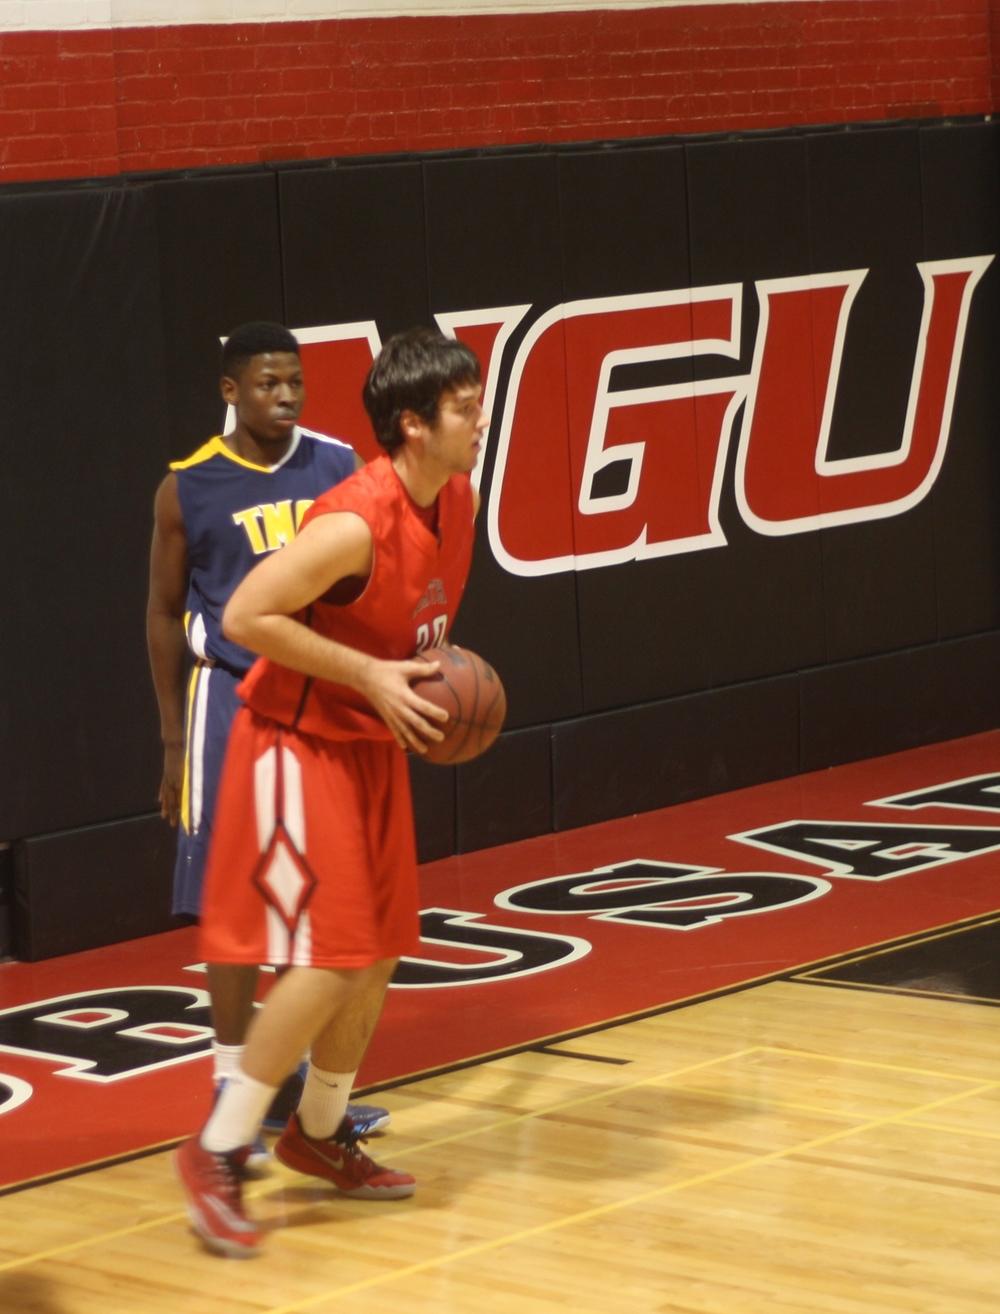 NGU player prepares to pass the ball.